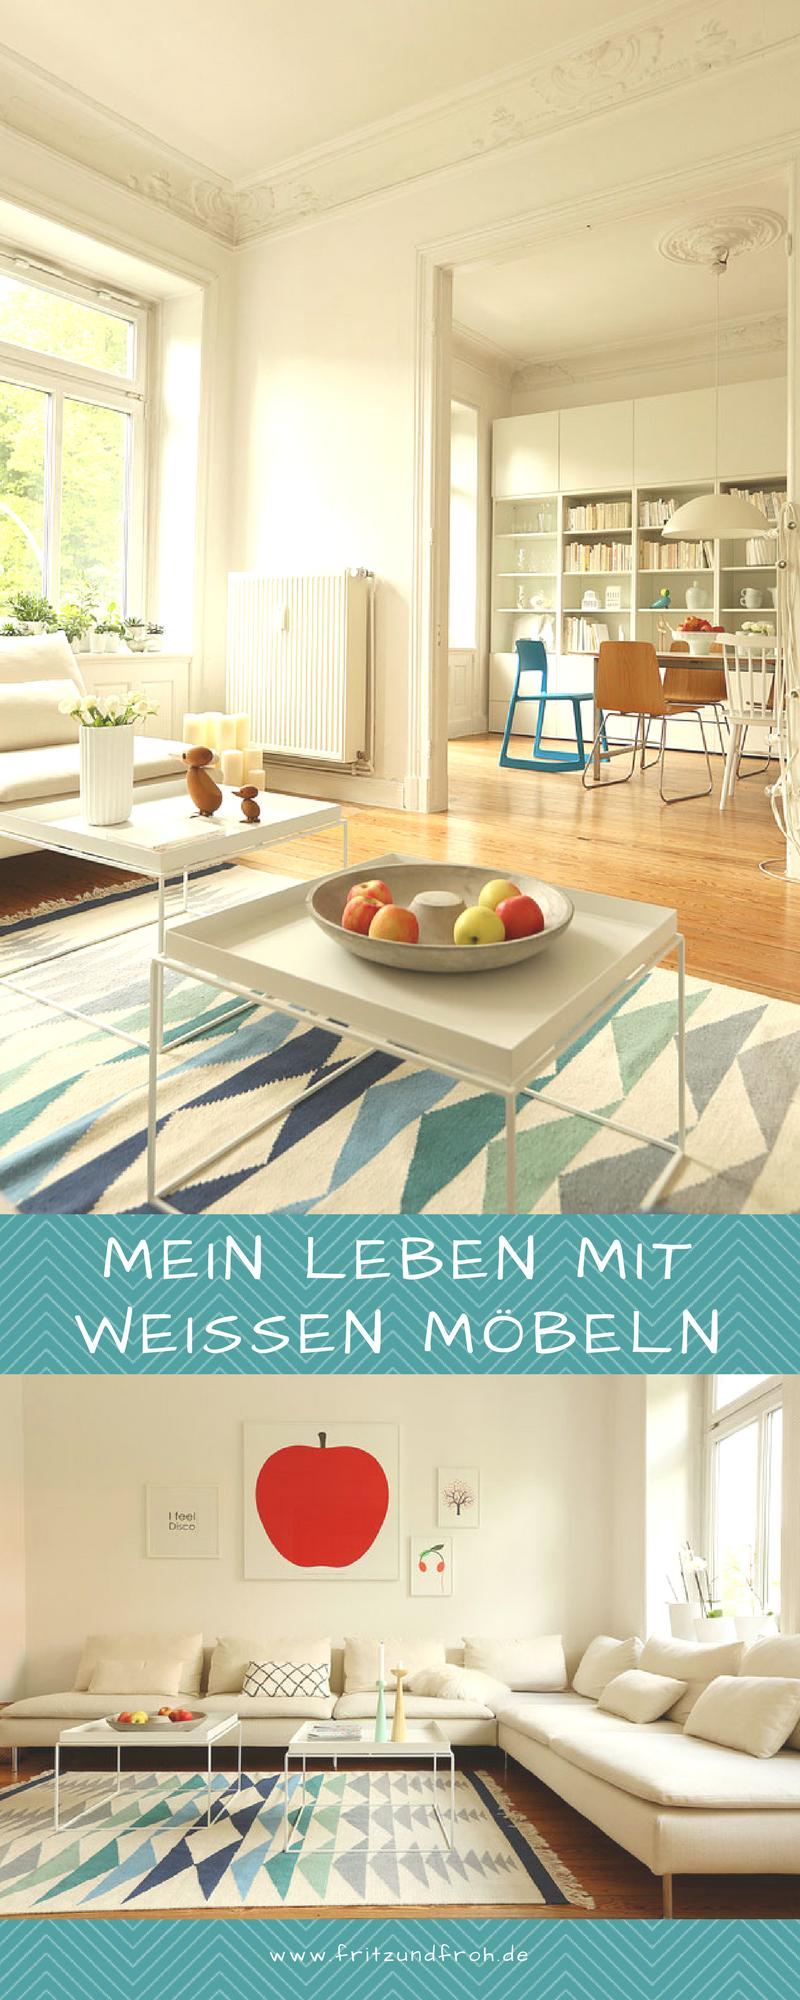 Ansprechend Weißes Wohnzimmer Galerie Von Mein Leben Mit Weißen Möbeln Weißes Mit